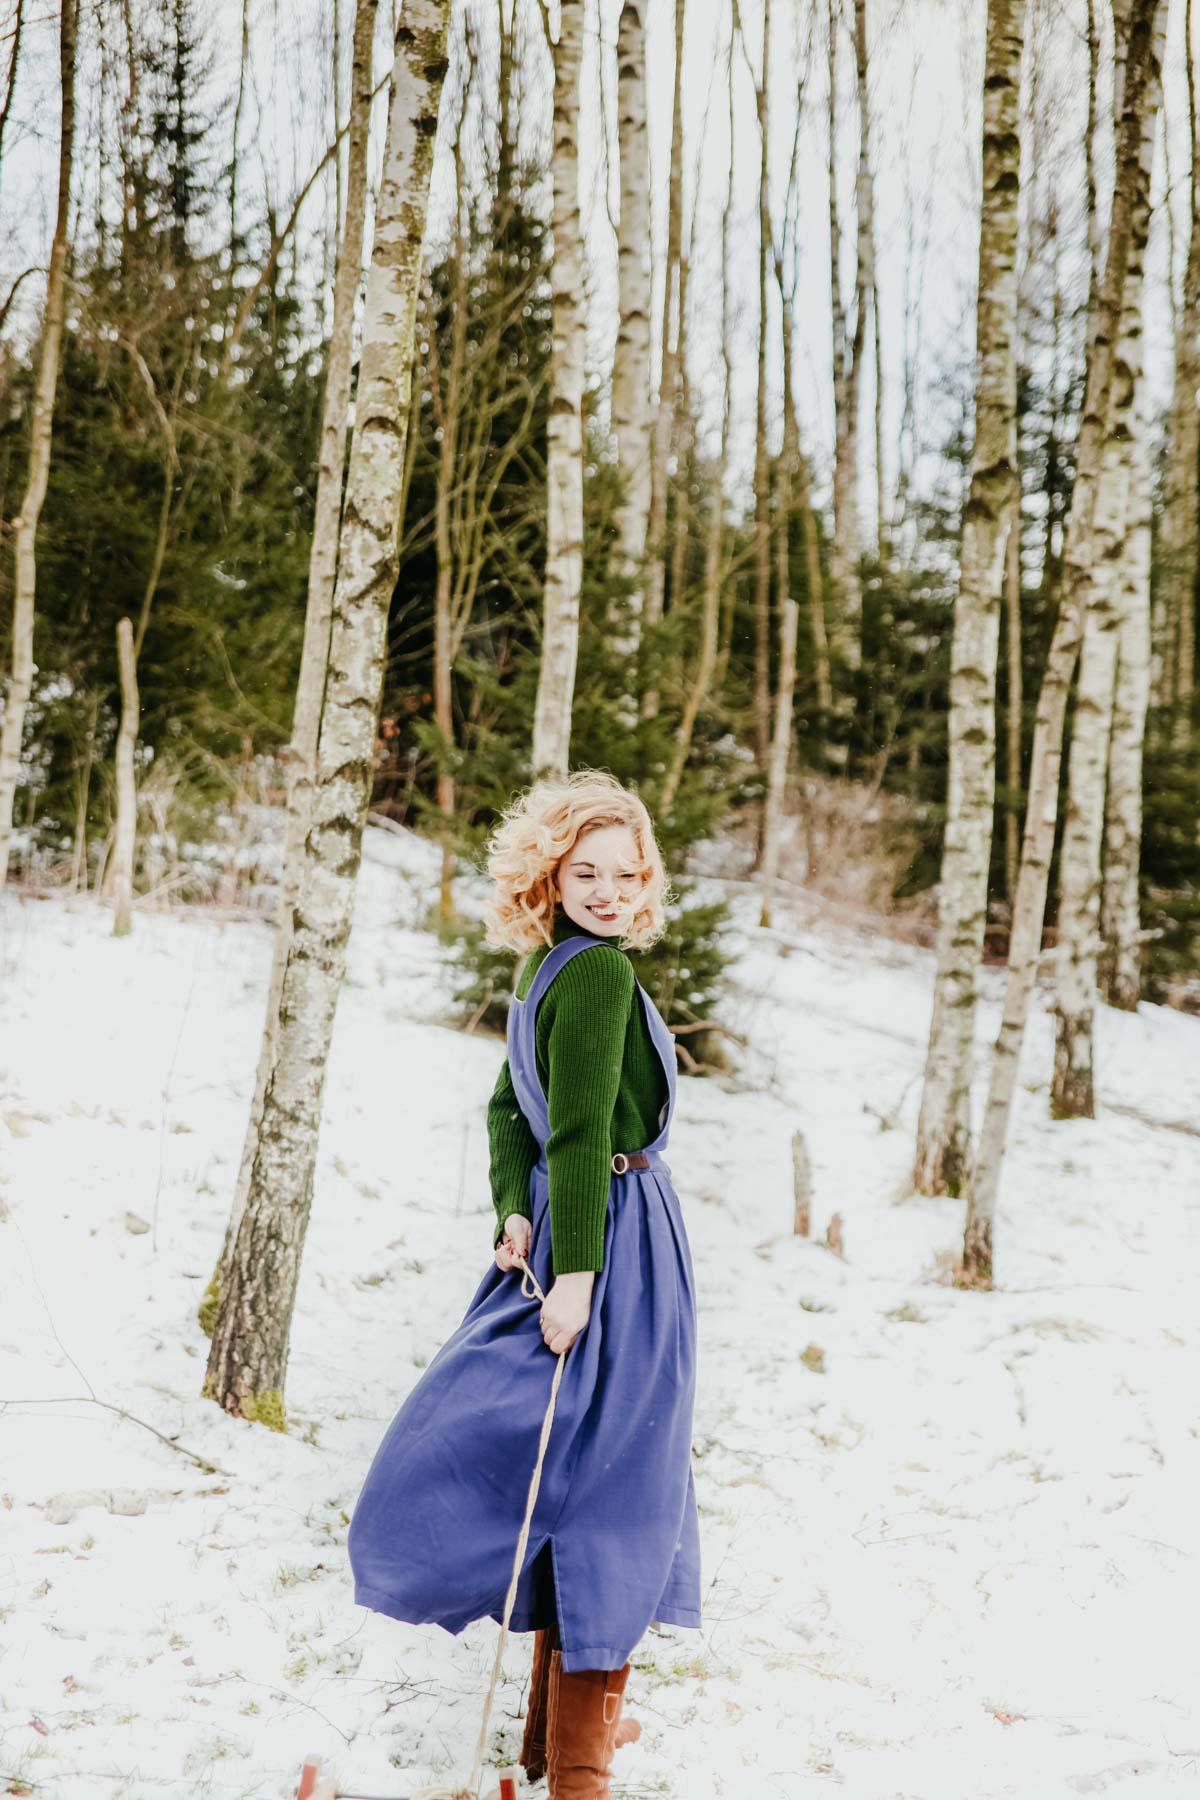 Snowy forest - Schneetag (20)